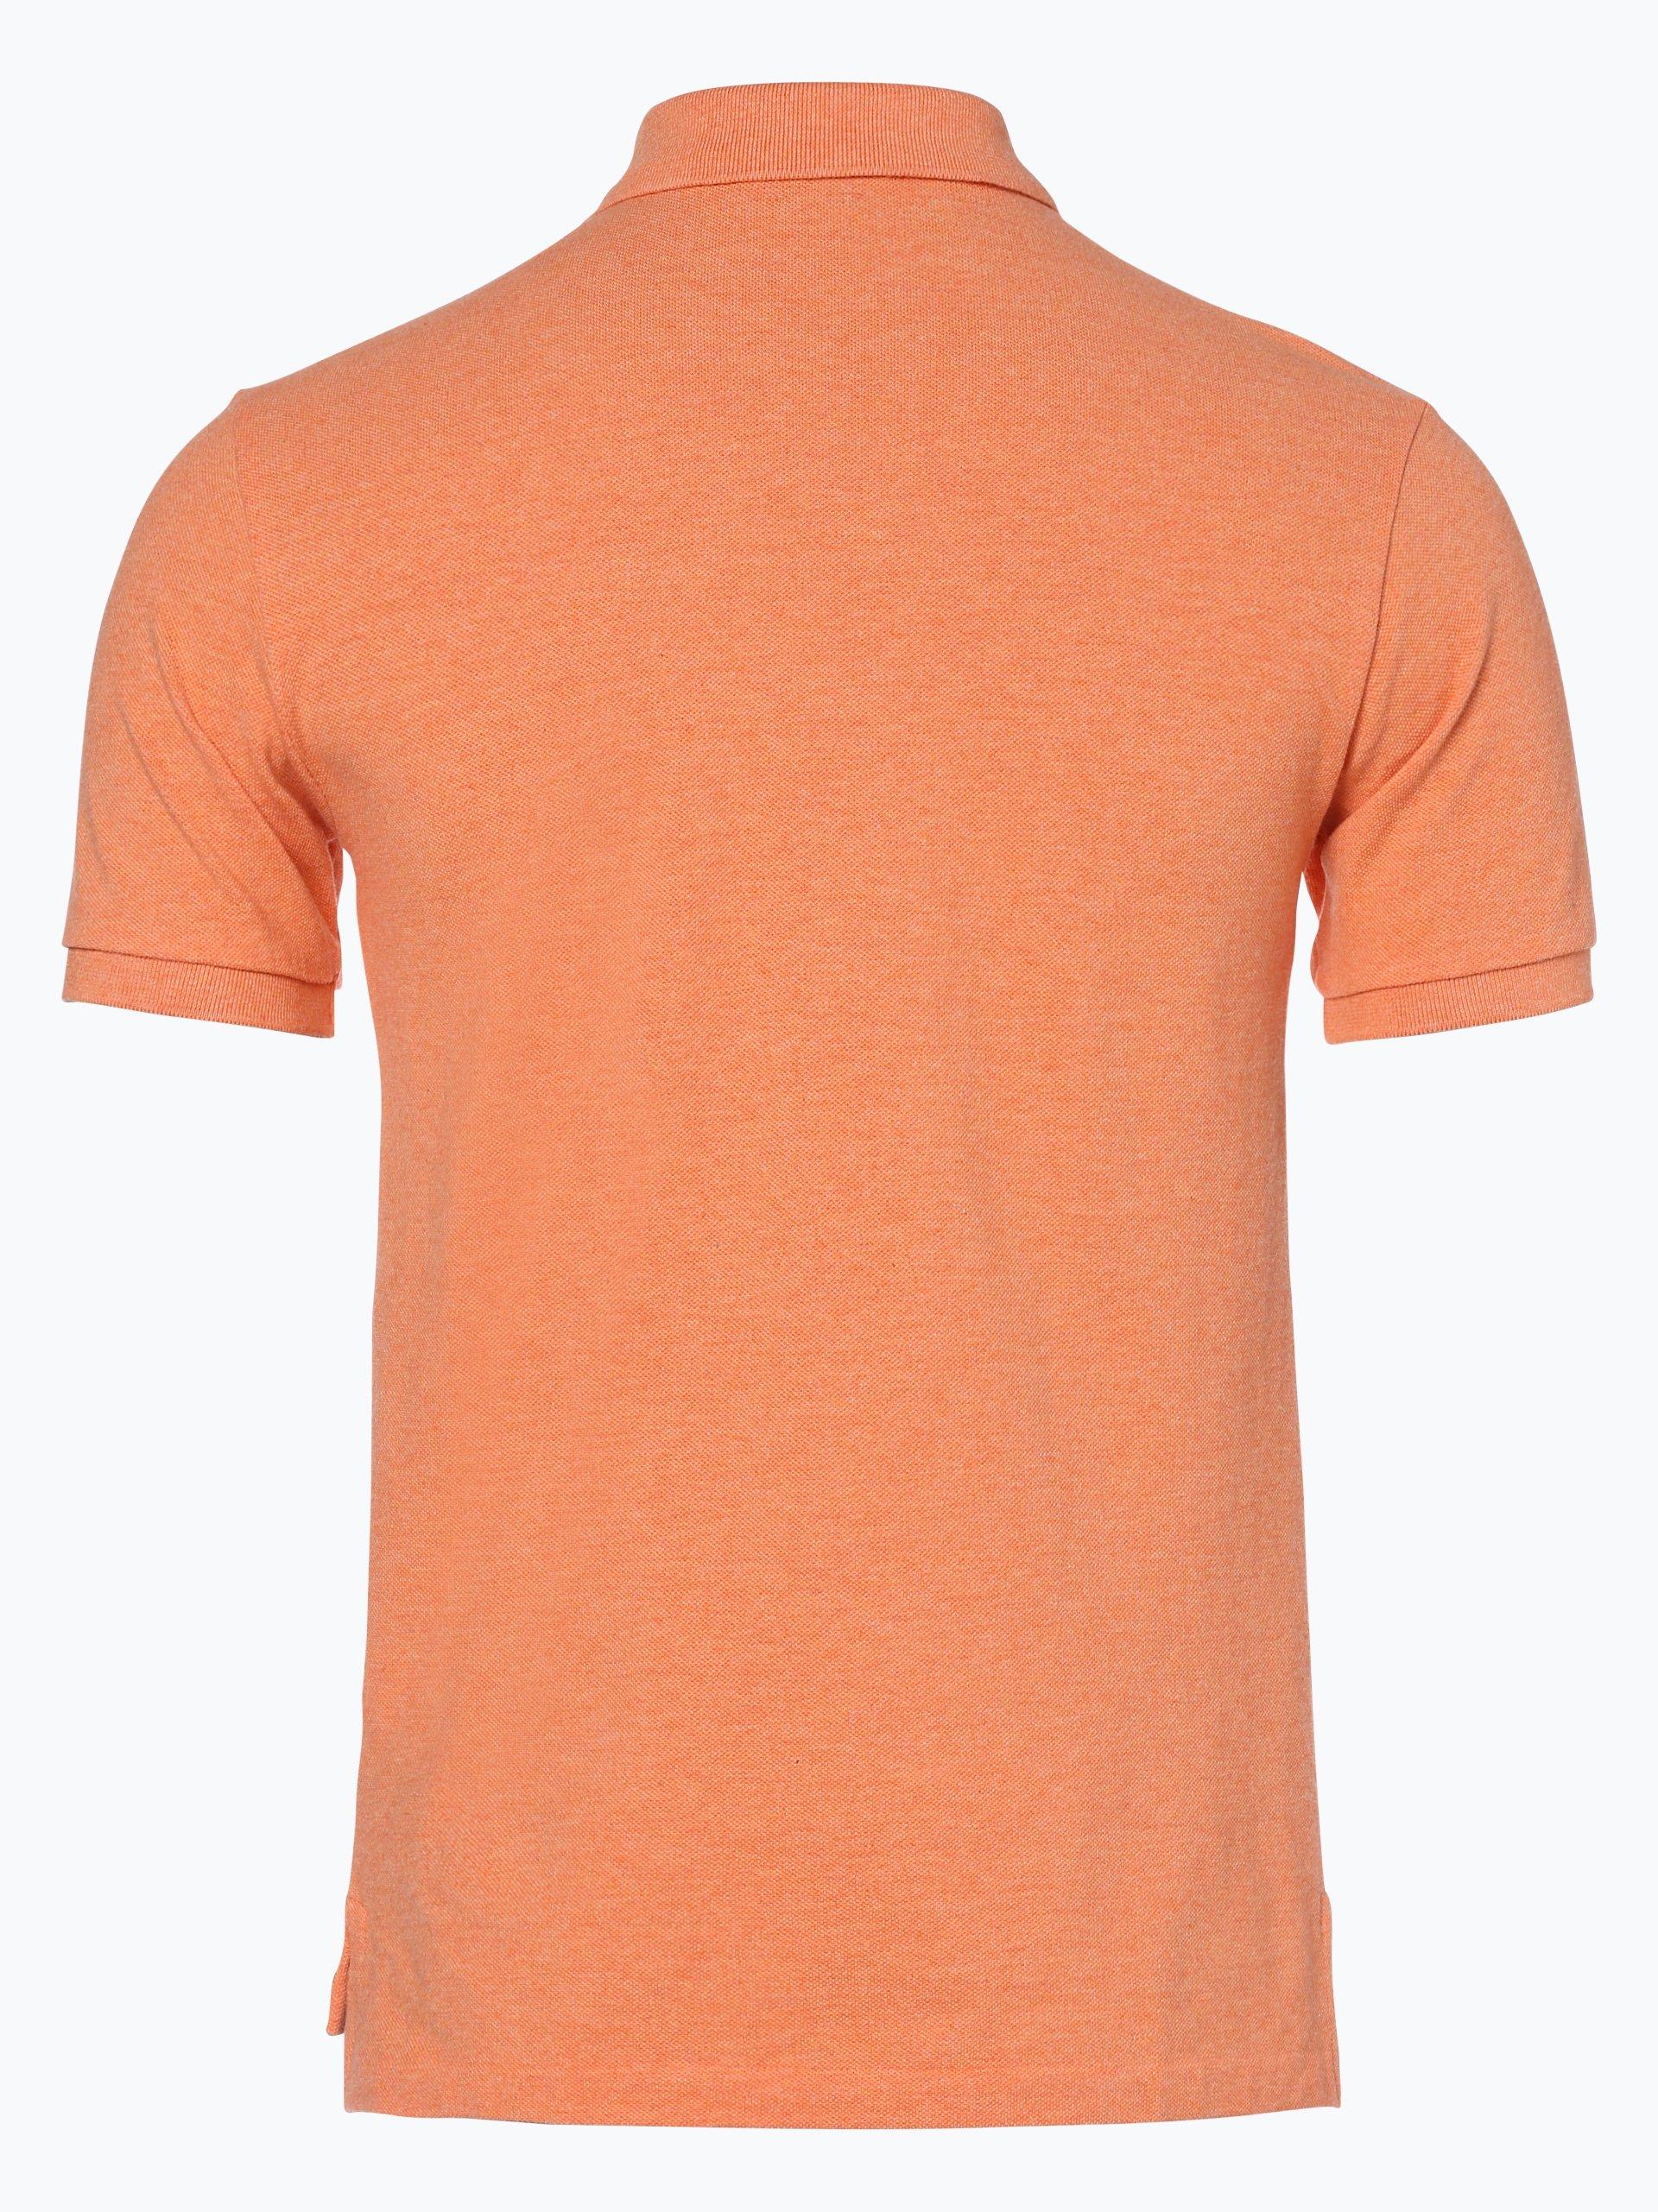 polo ralph lauren herren poloshirt orange uni online kaufen peek und cloppenburg de. Black Bedroom Furniture Sets. Home Design Ideas